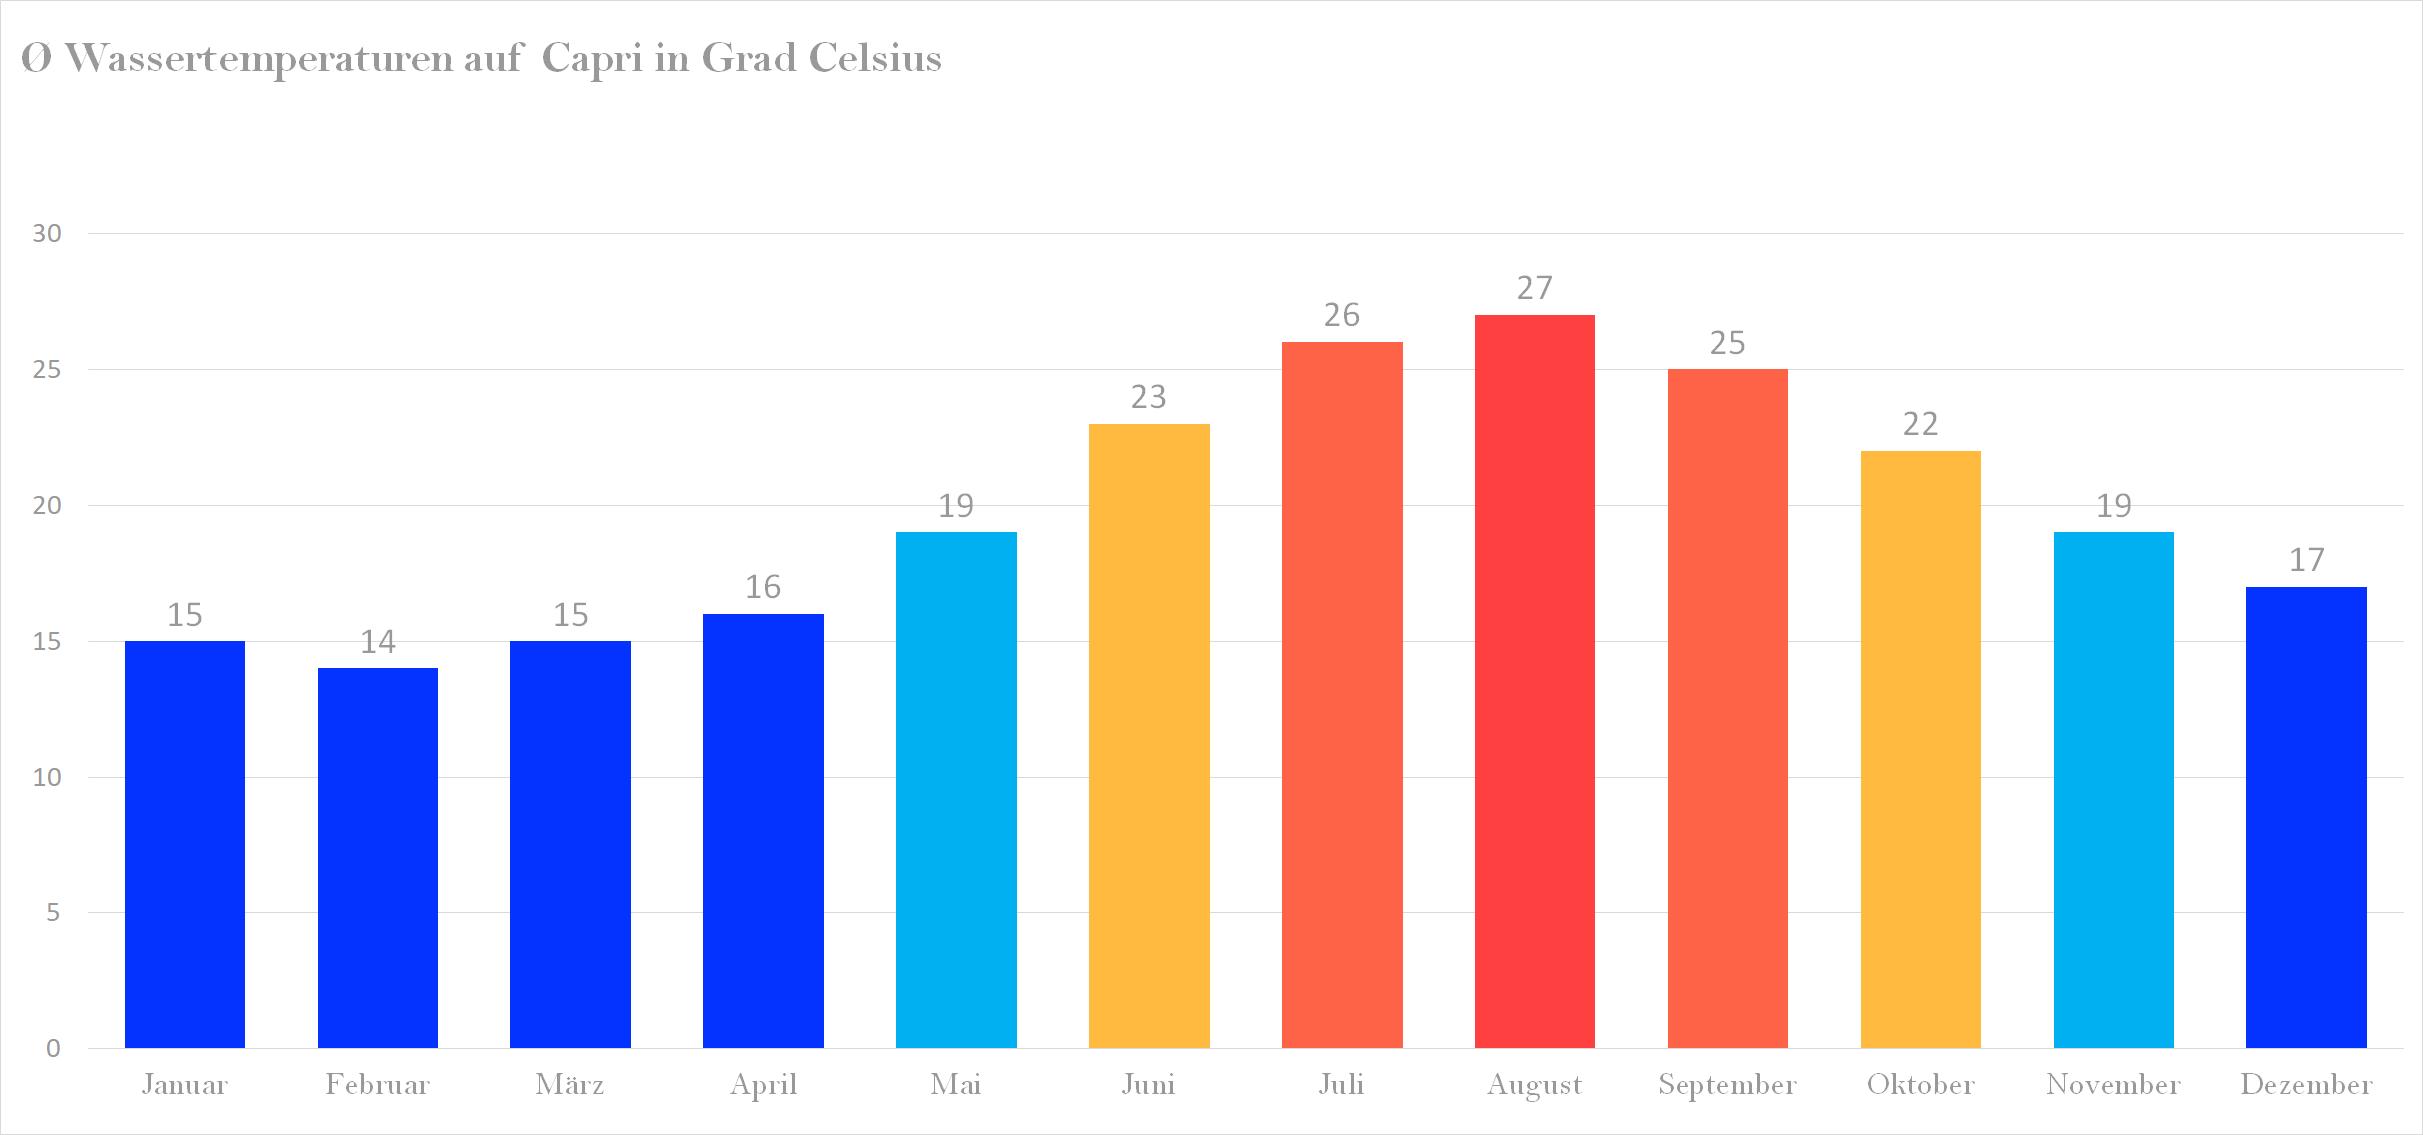 Durchschnittliche Wassertemperaturen auf Capri nach Monaten